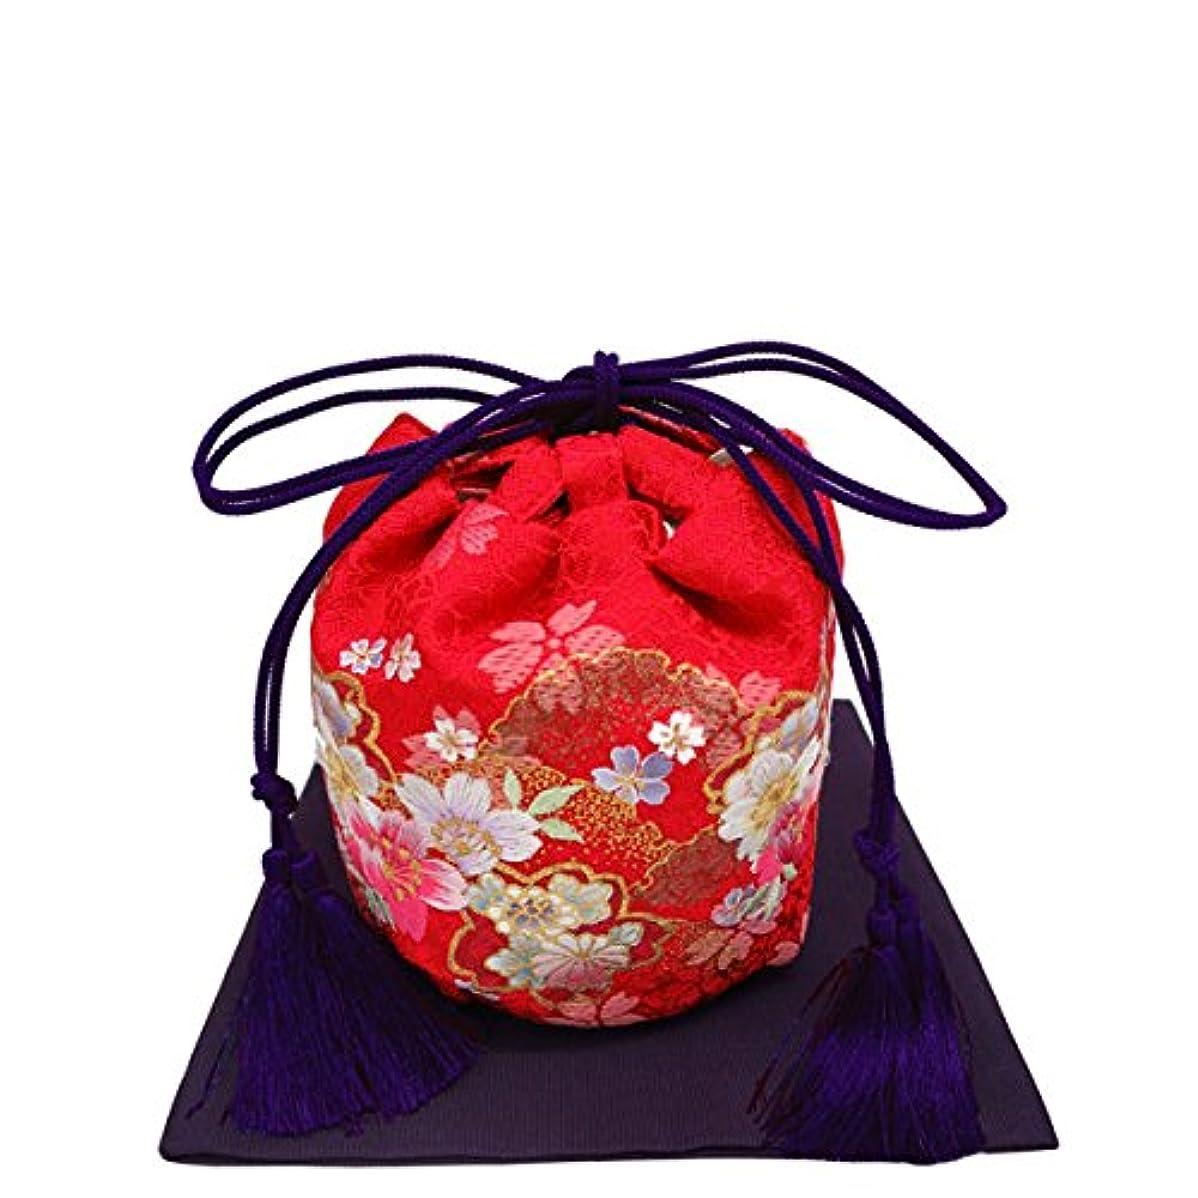 ナビゲーションによって有望言寿(ことほぎ)袋 (言寿(ことほぎ)袋 桜)